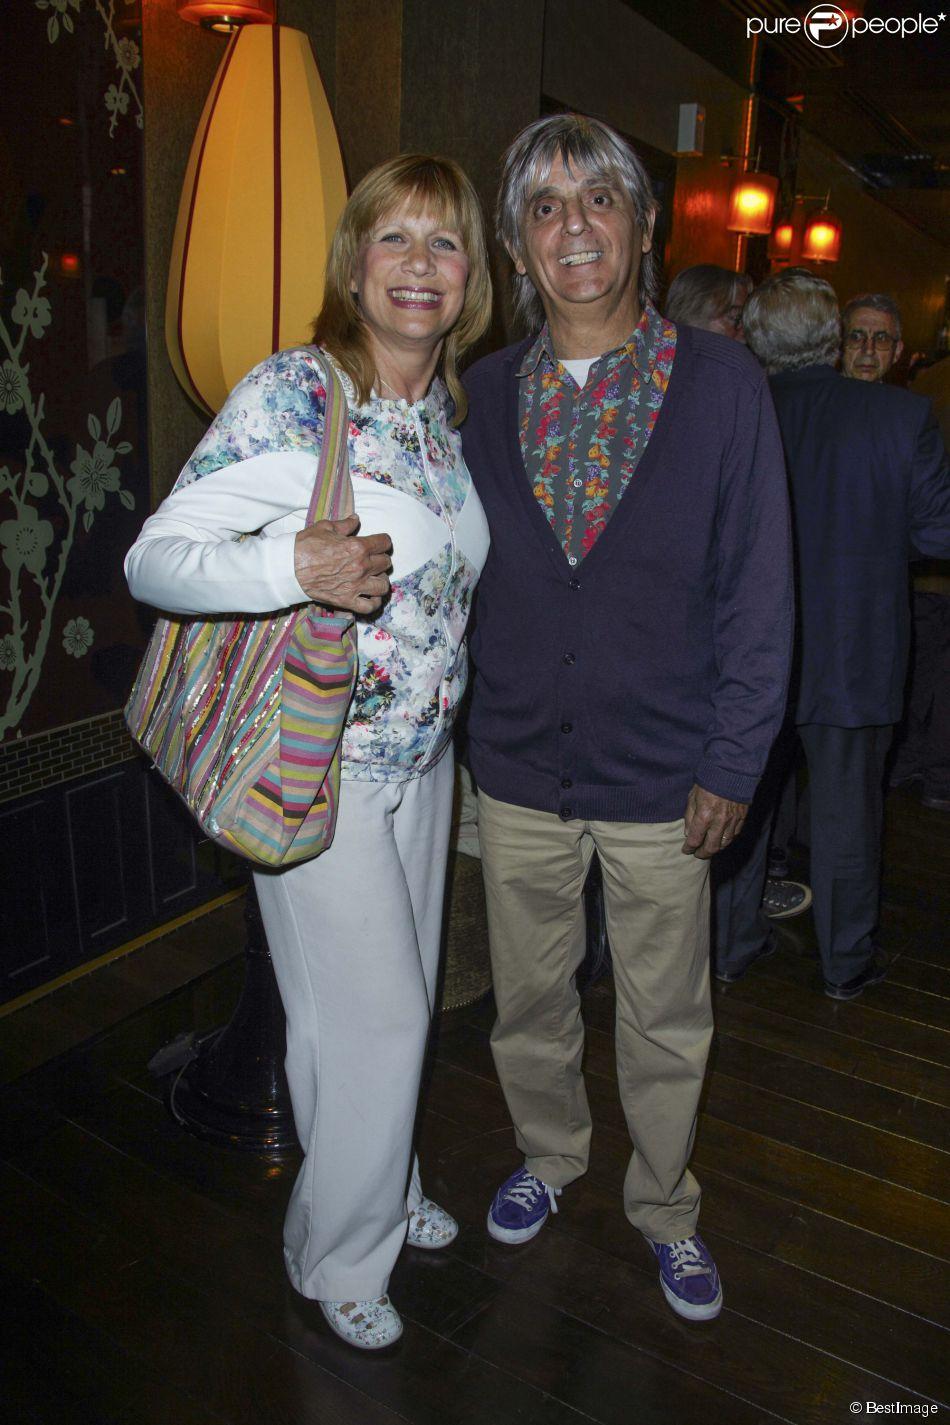 Exclusif - Stone et son mari Mario d'Alba au dîner avec les membres du comité d'honneur de l'ADMD (l'Association pour le Droit de Mourir dans la Dignité) au Buddha Bar à Paris, le 17 juin 2014.